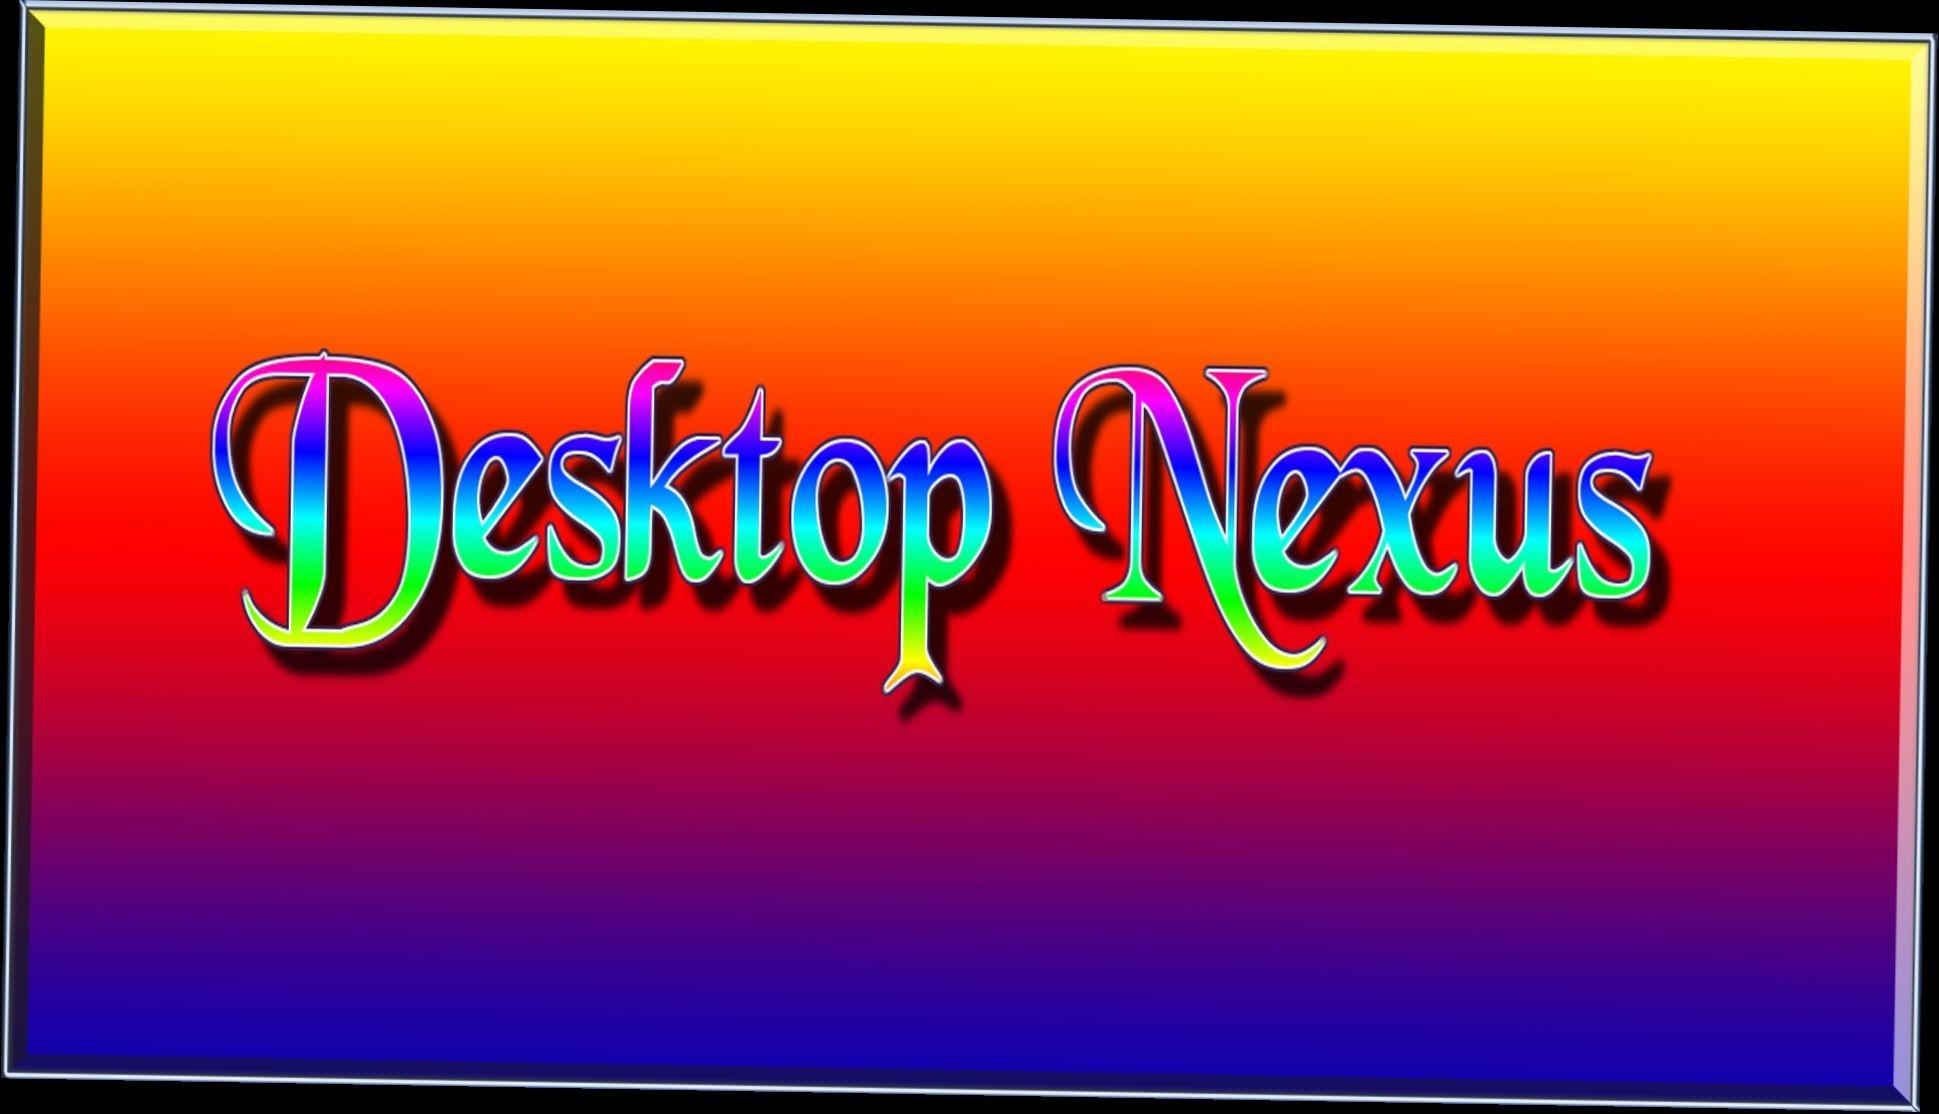 nexus desktop wallpapers – 3 items